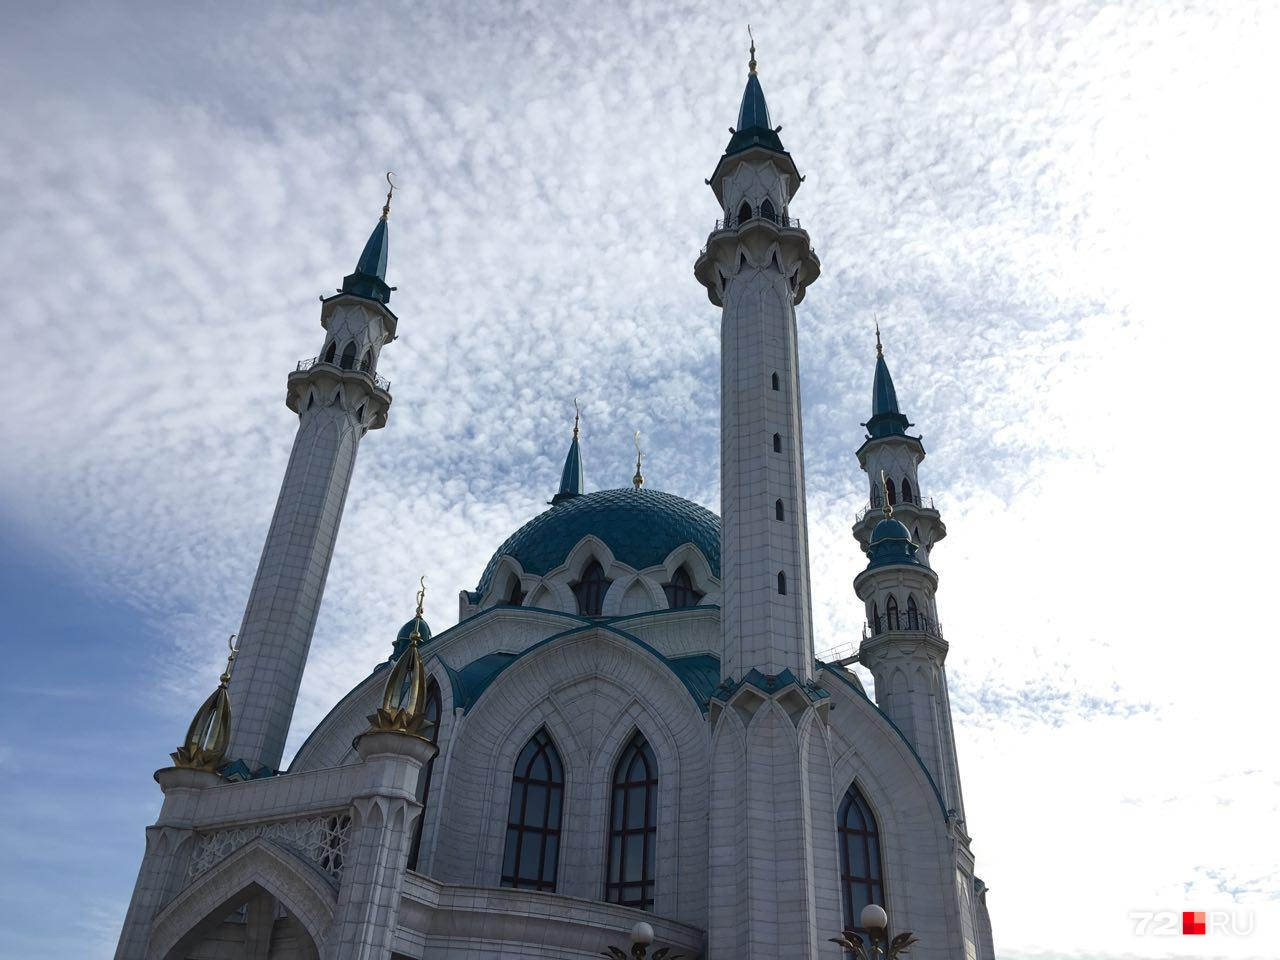 Мечеть Кул-Шариф построена в 2005 году и является одним из символов столицы Татарстана